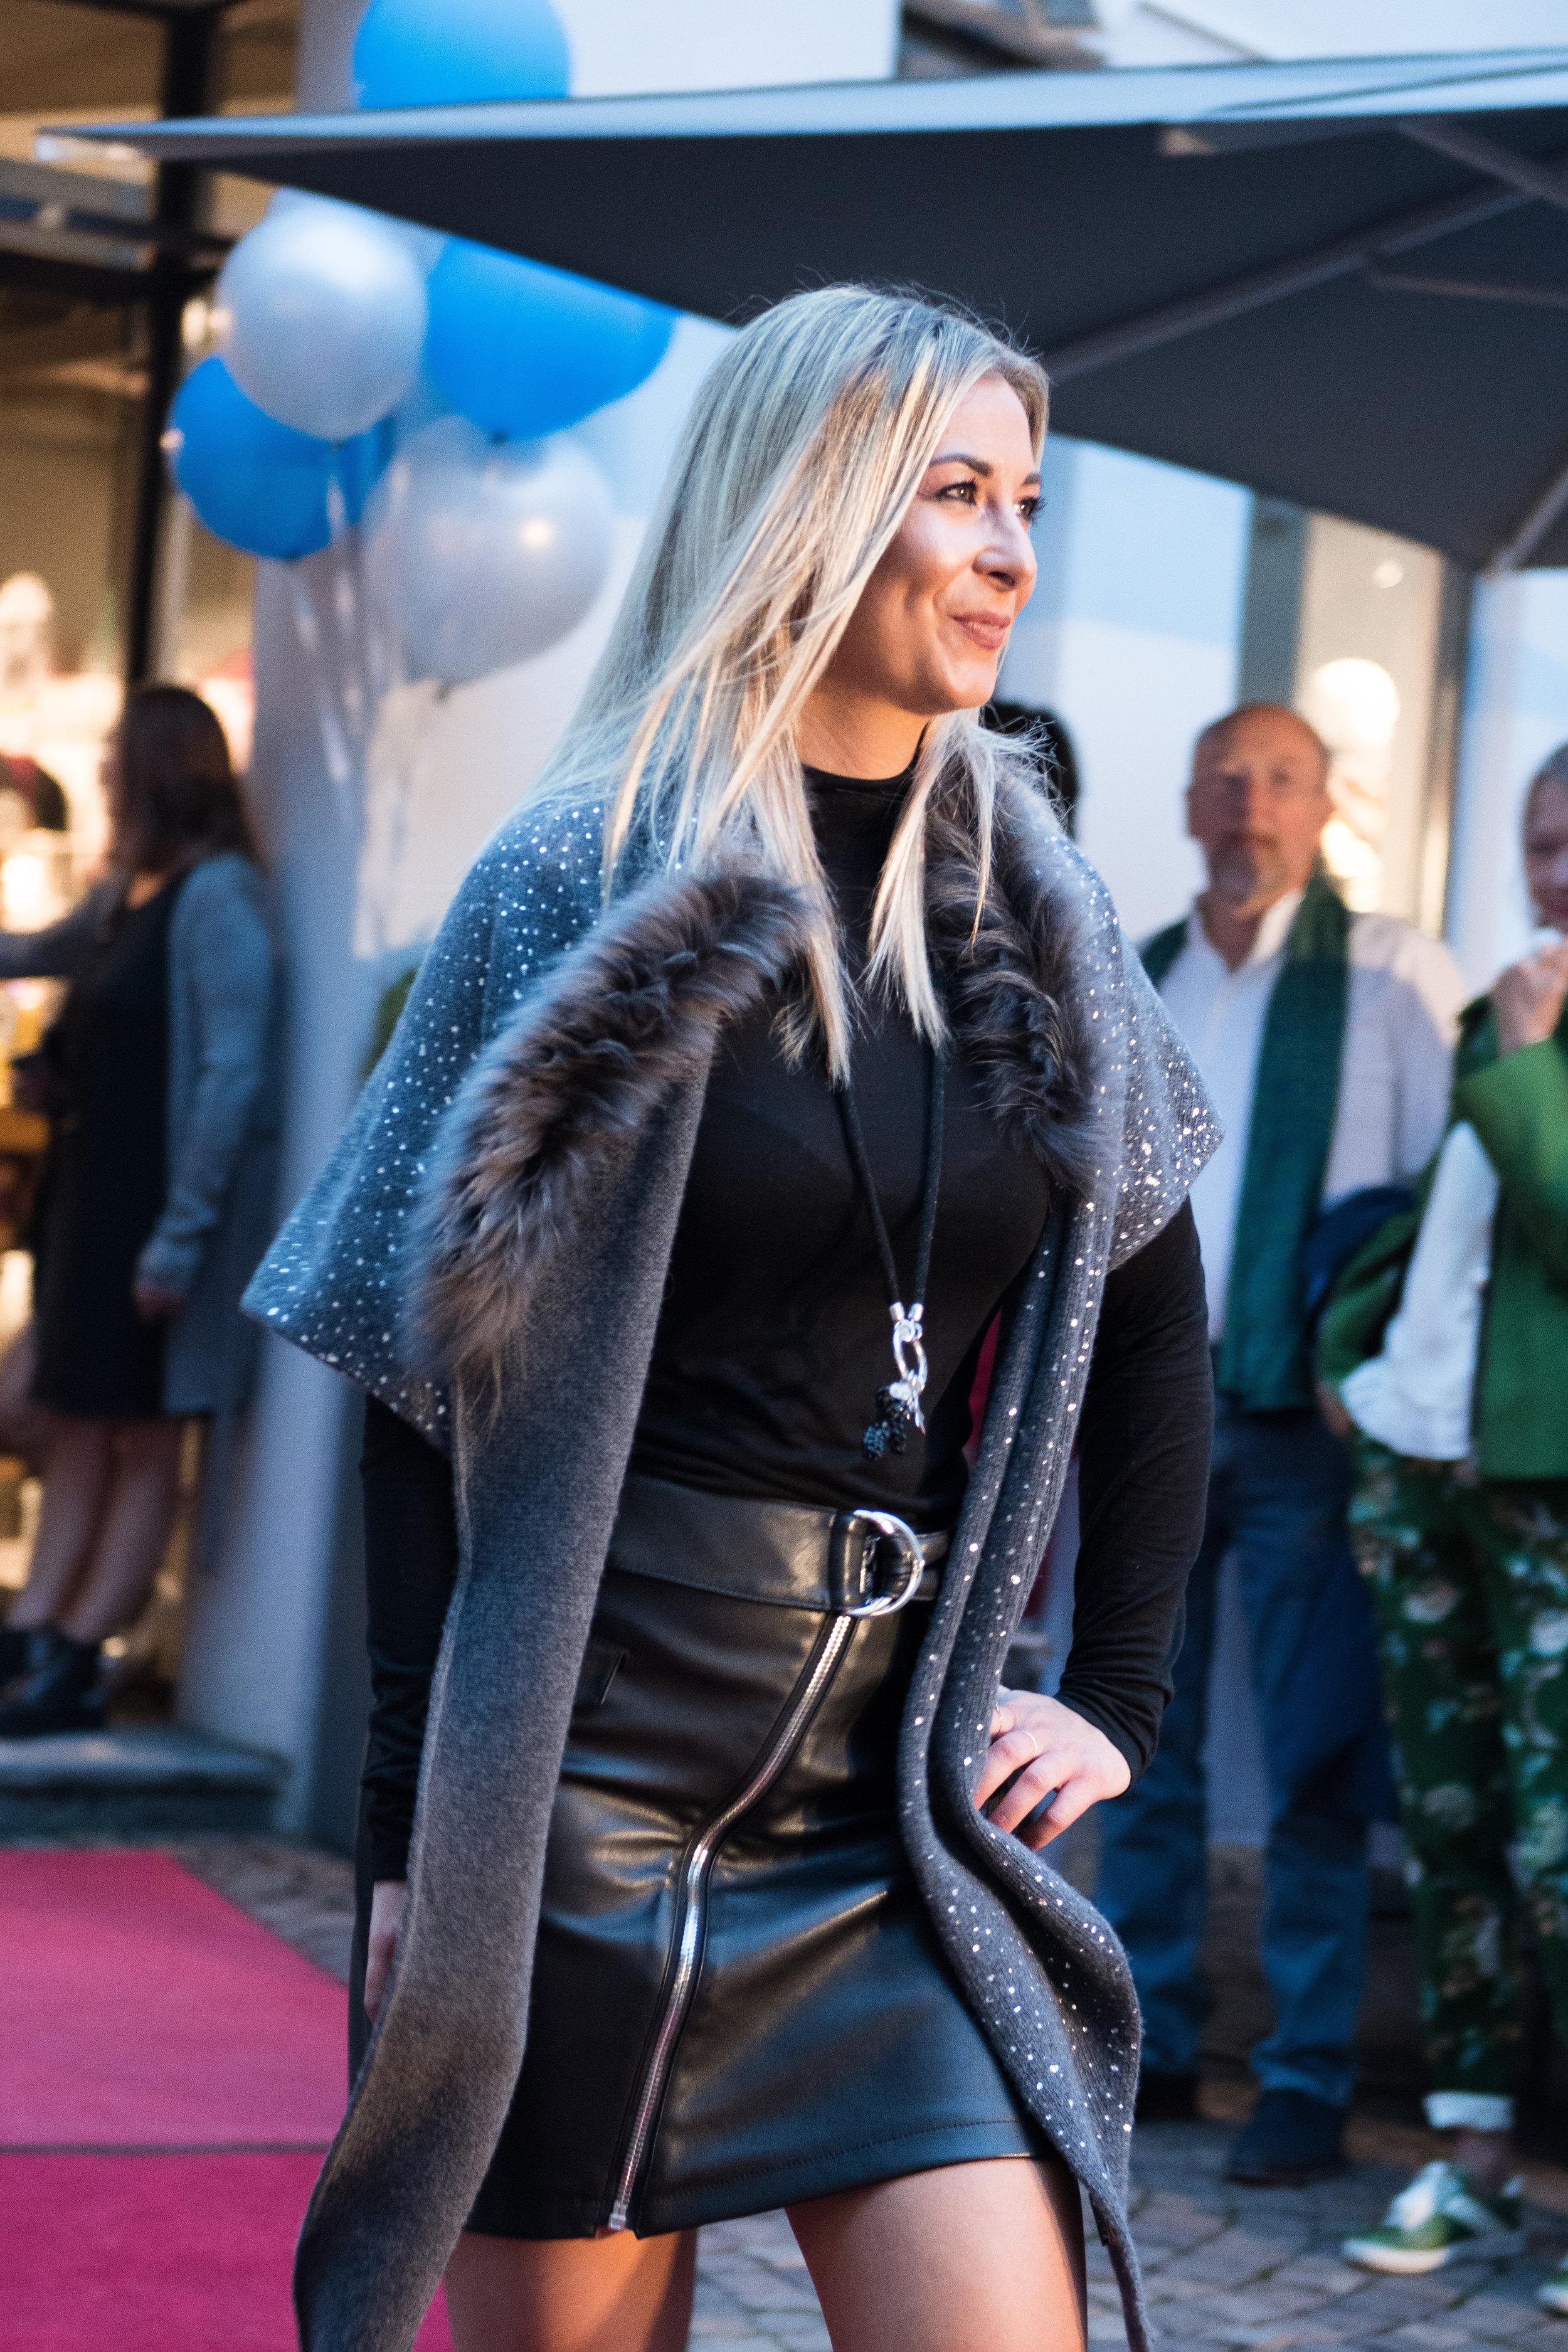 Fashionshowbackstage_83.jpg